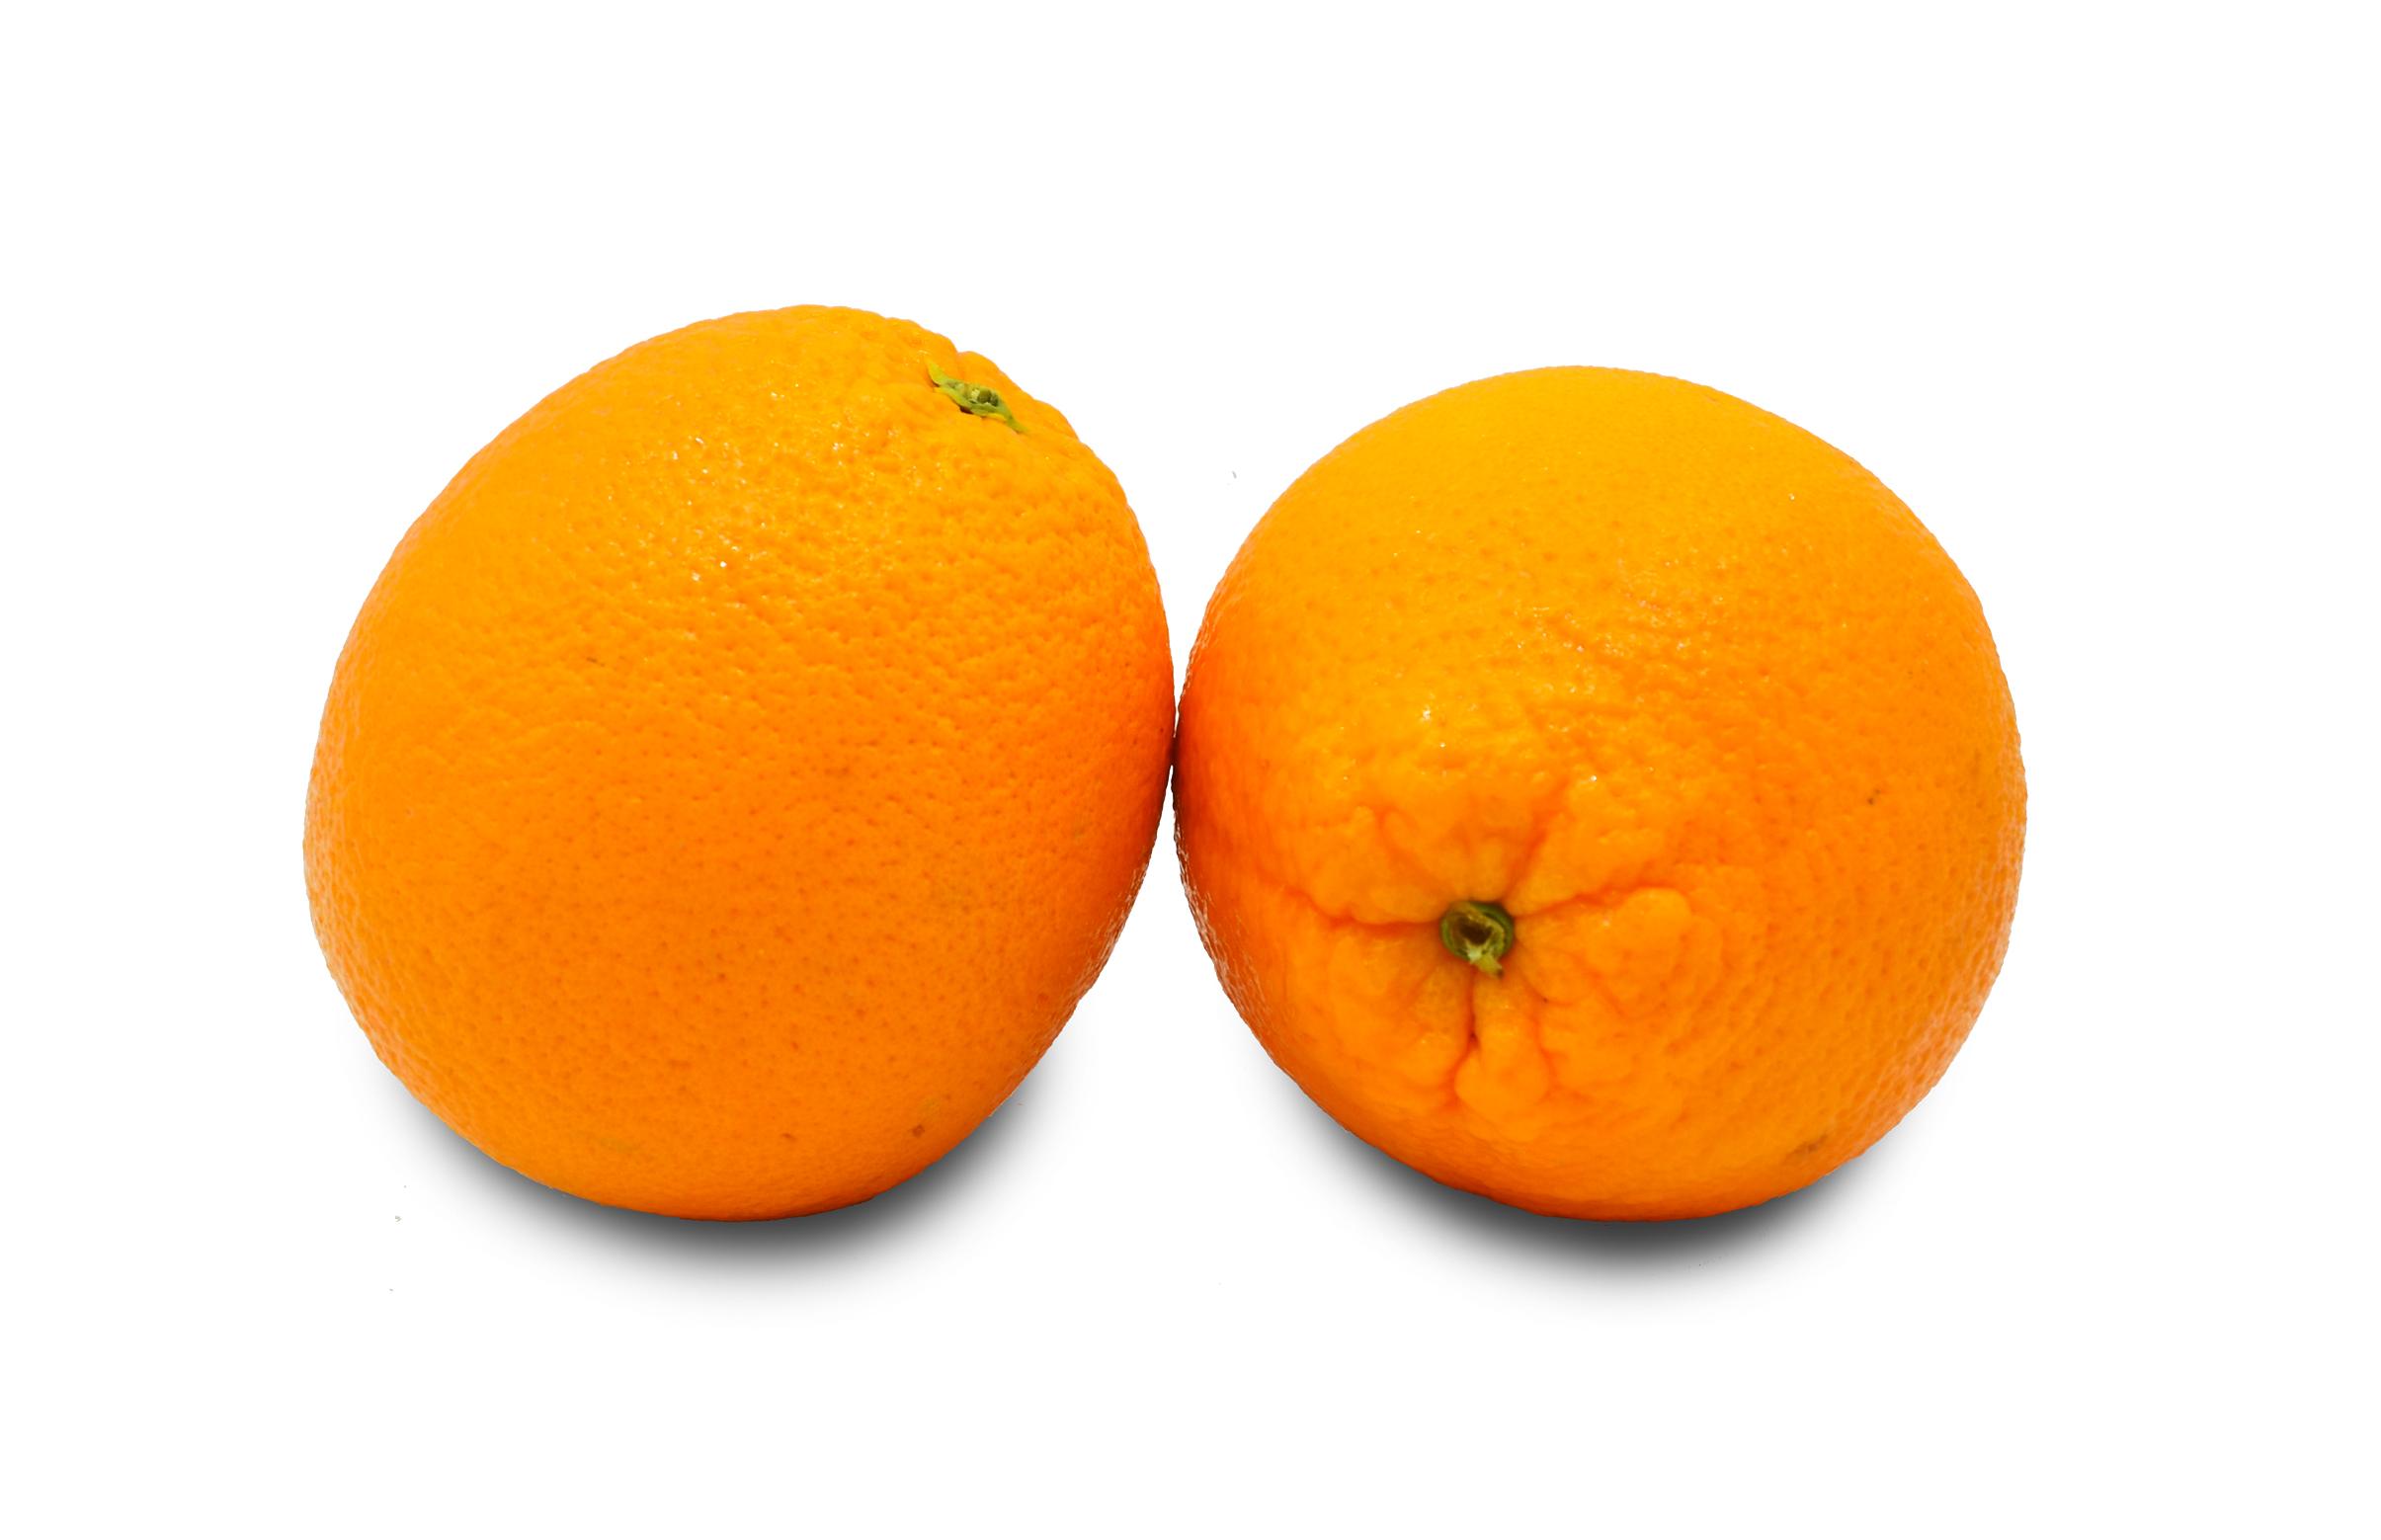 orange-jumbo-navel-aus